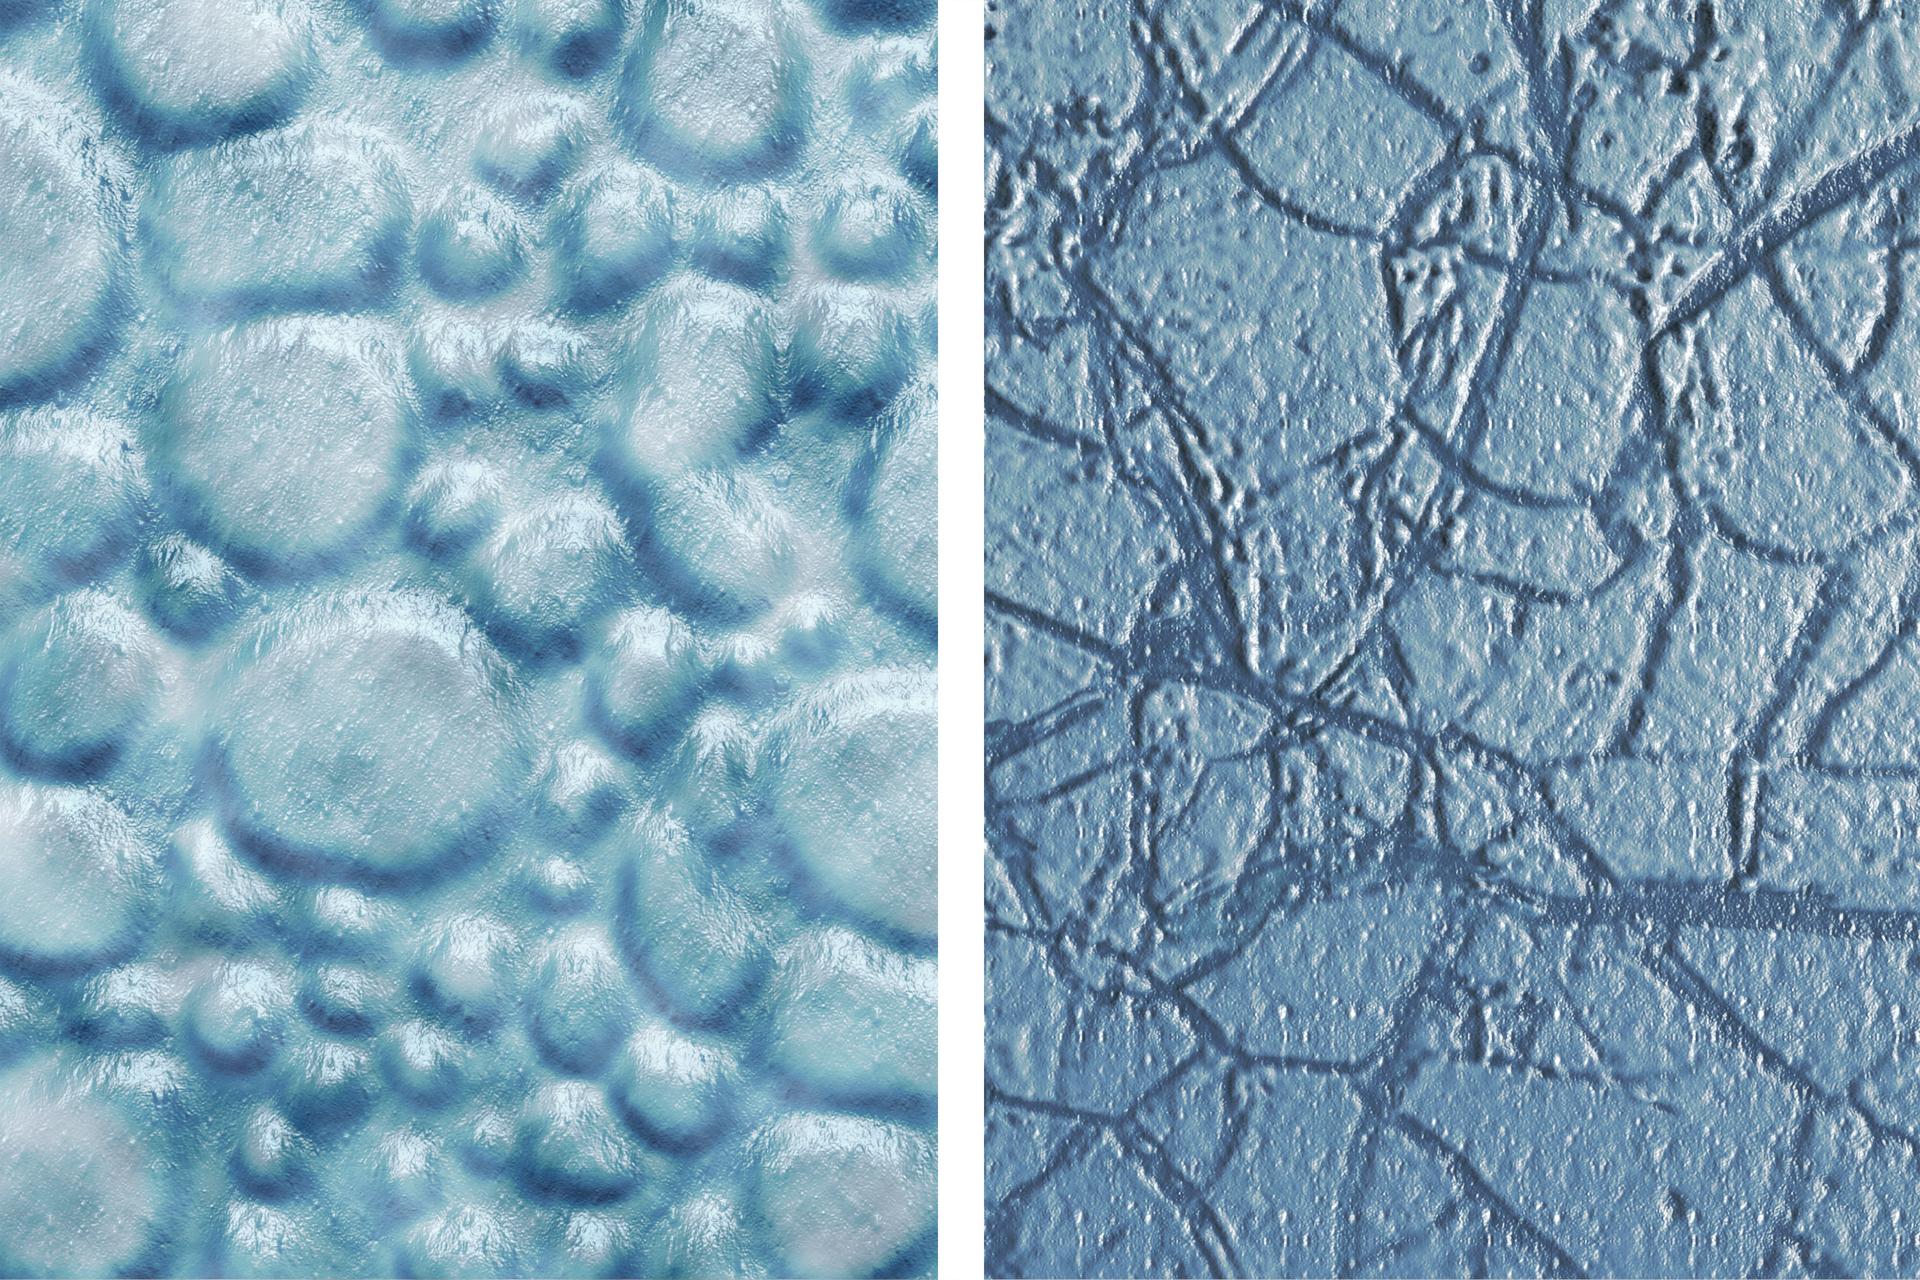 Obraz kremu tradycyjnego (po lewej) ikremu wyprodukowanego na bazie DMS (po prawej) obserwowany przez mikroskop elektronowy